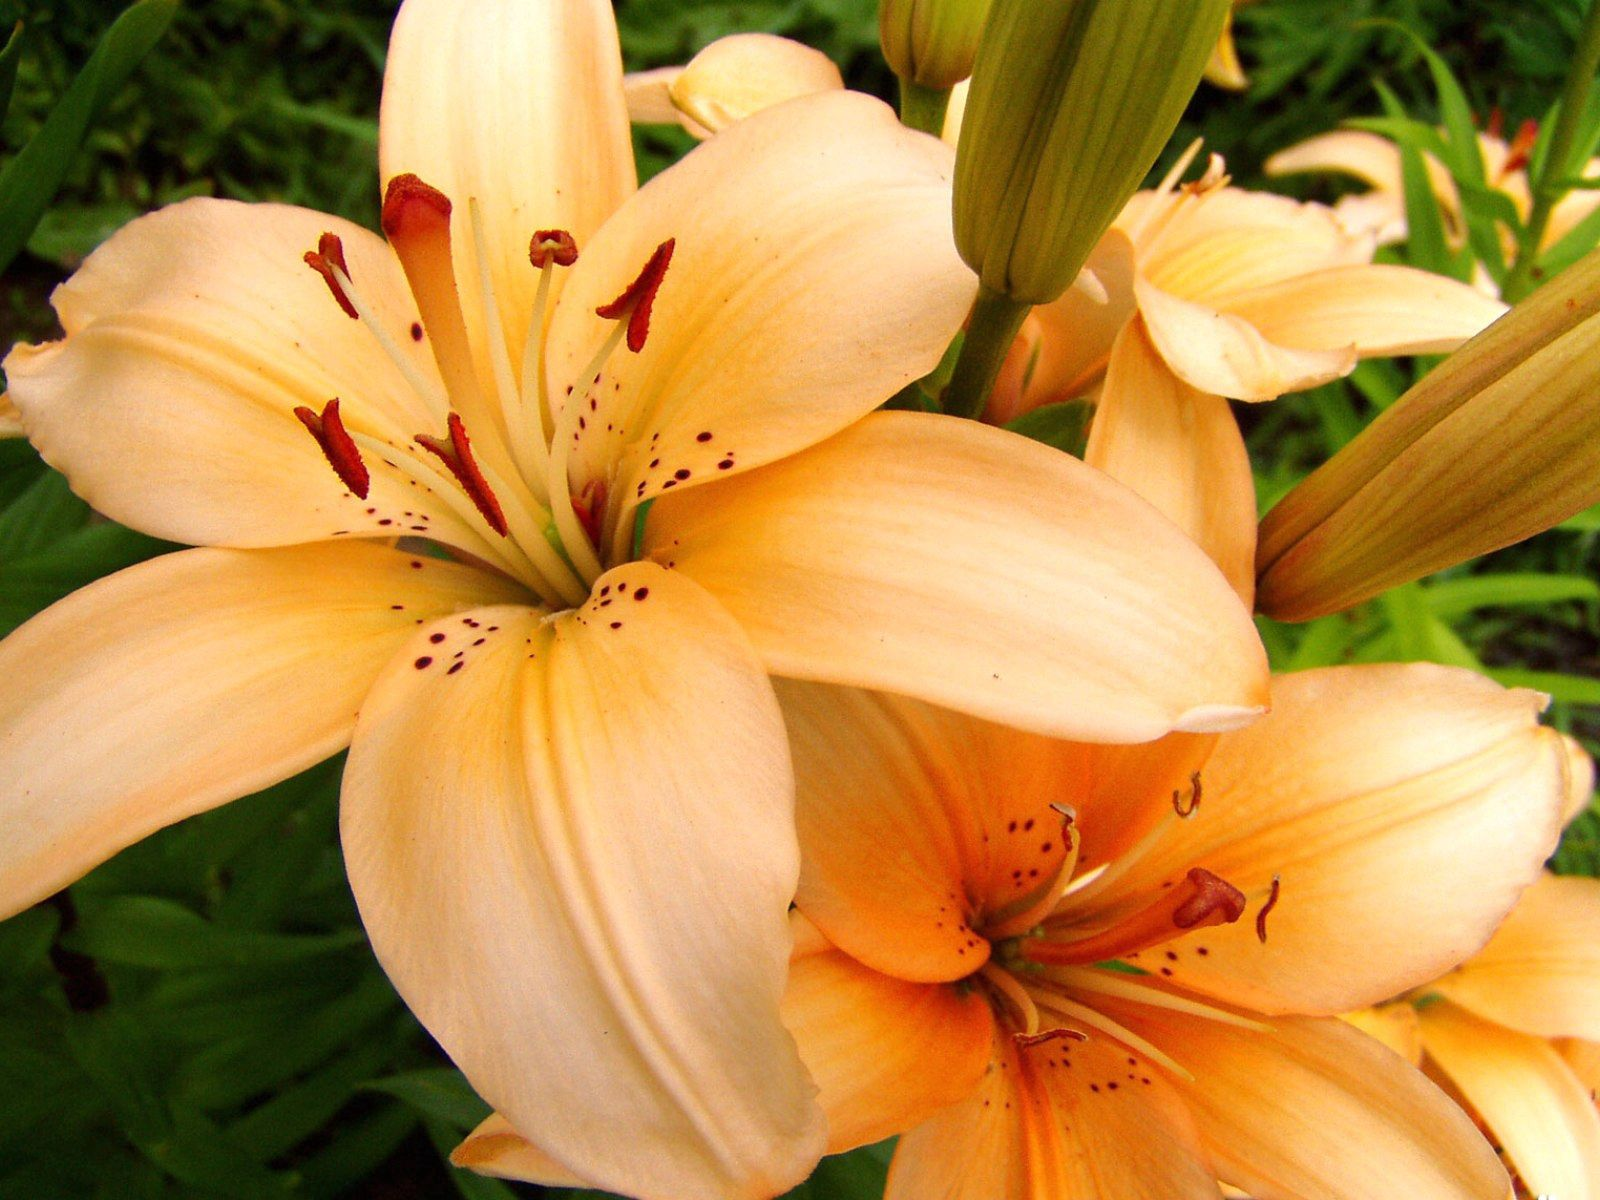 110057 скачать обои Цветы, Лилии, Тычинки, Лепестки, Бутоны, Крупный План - заставки и картинки бесплатно